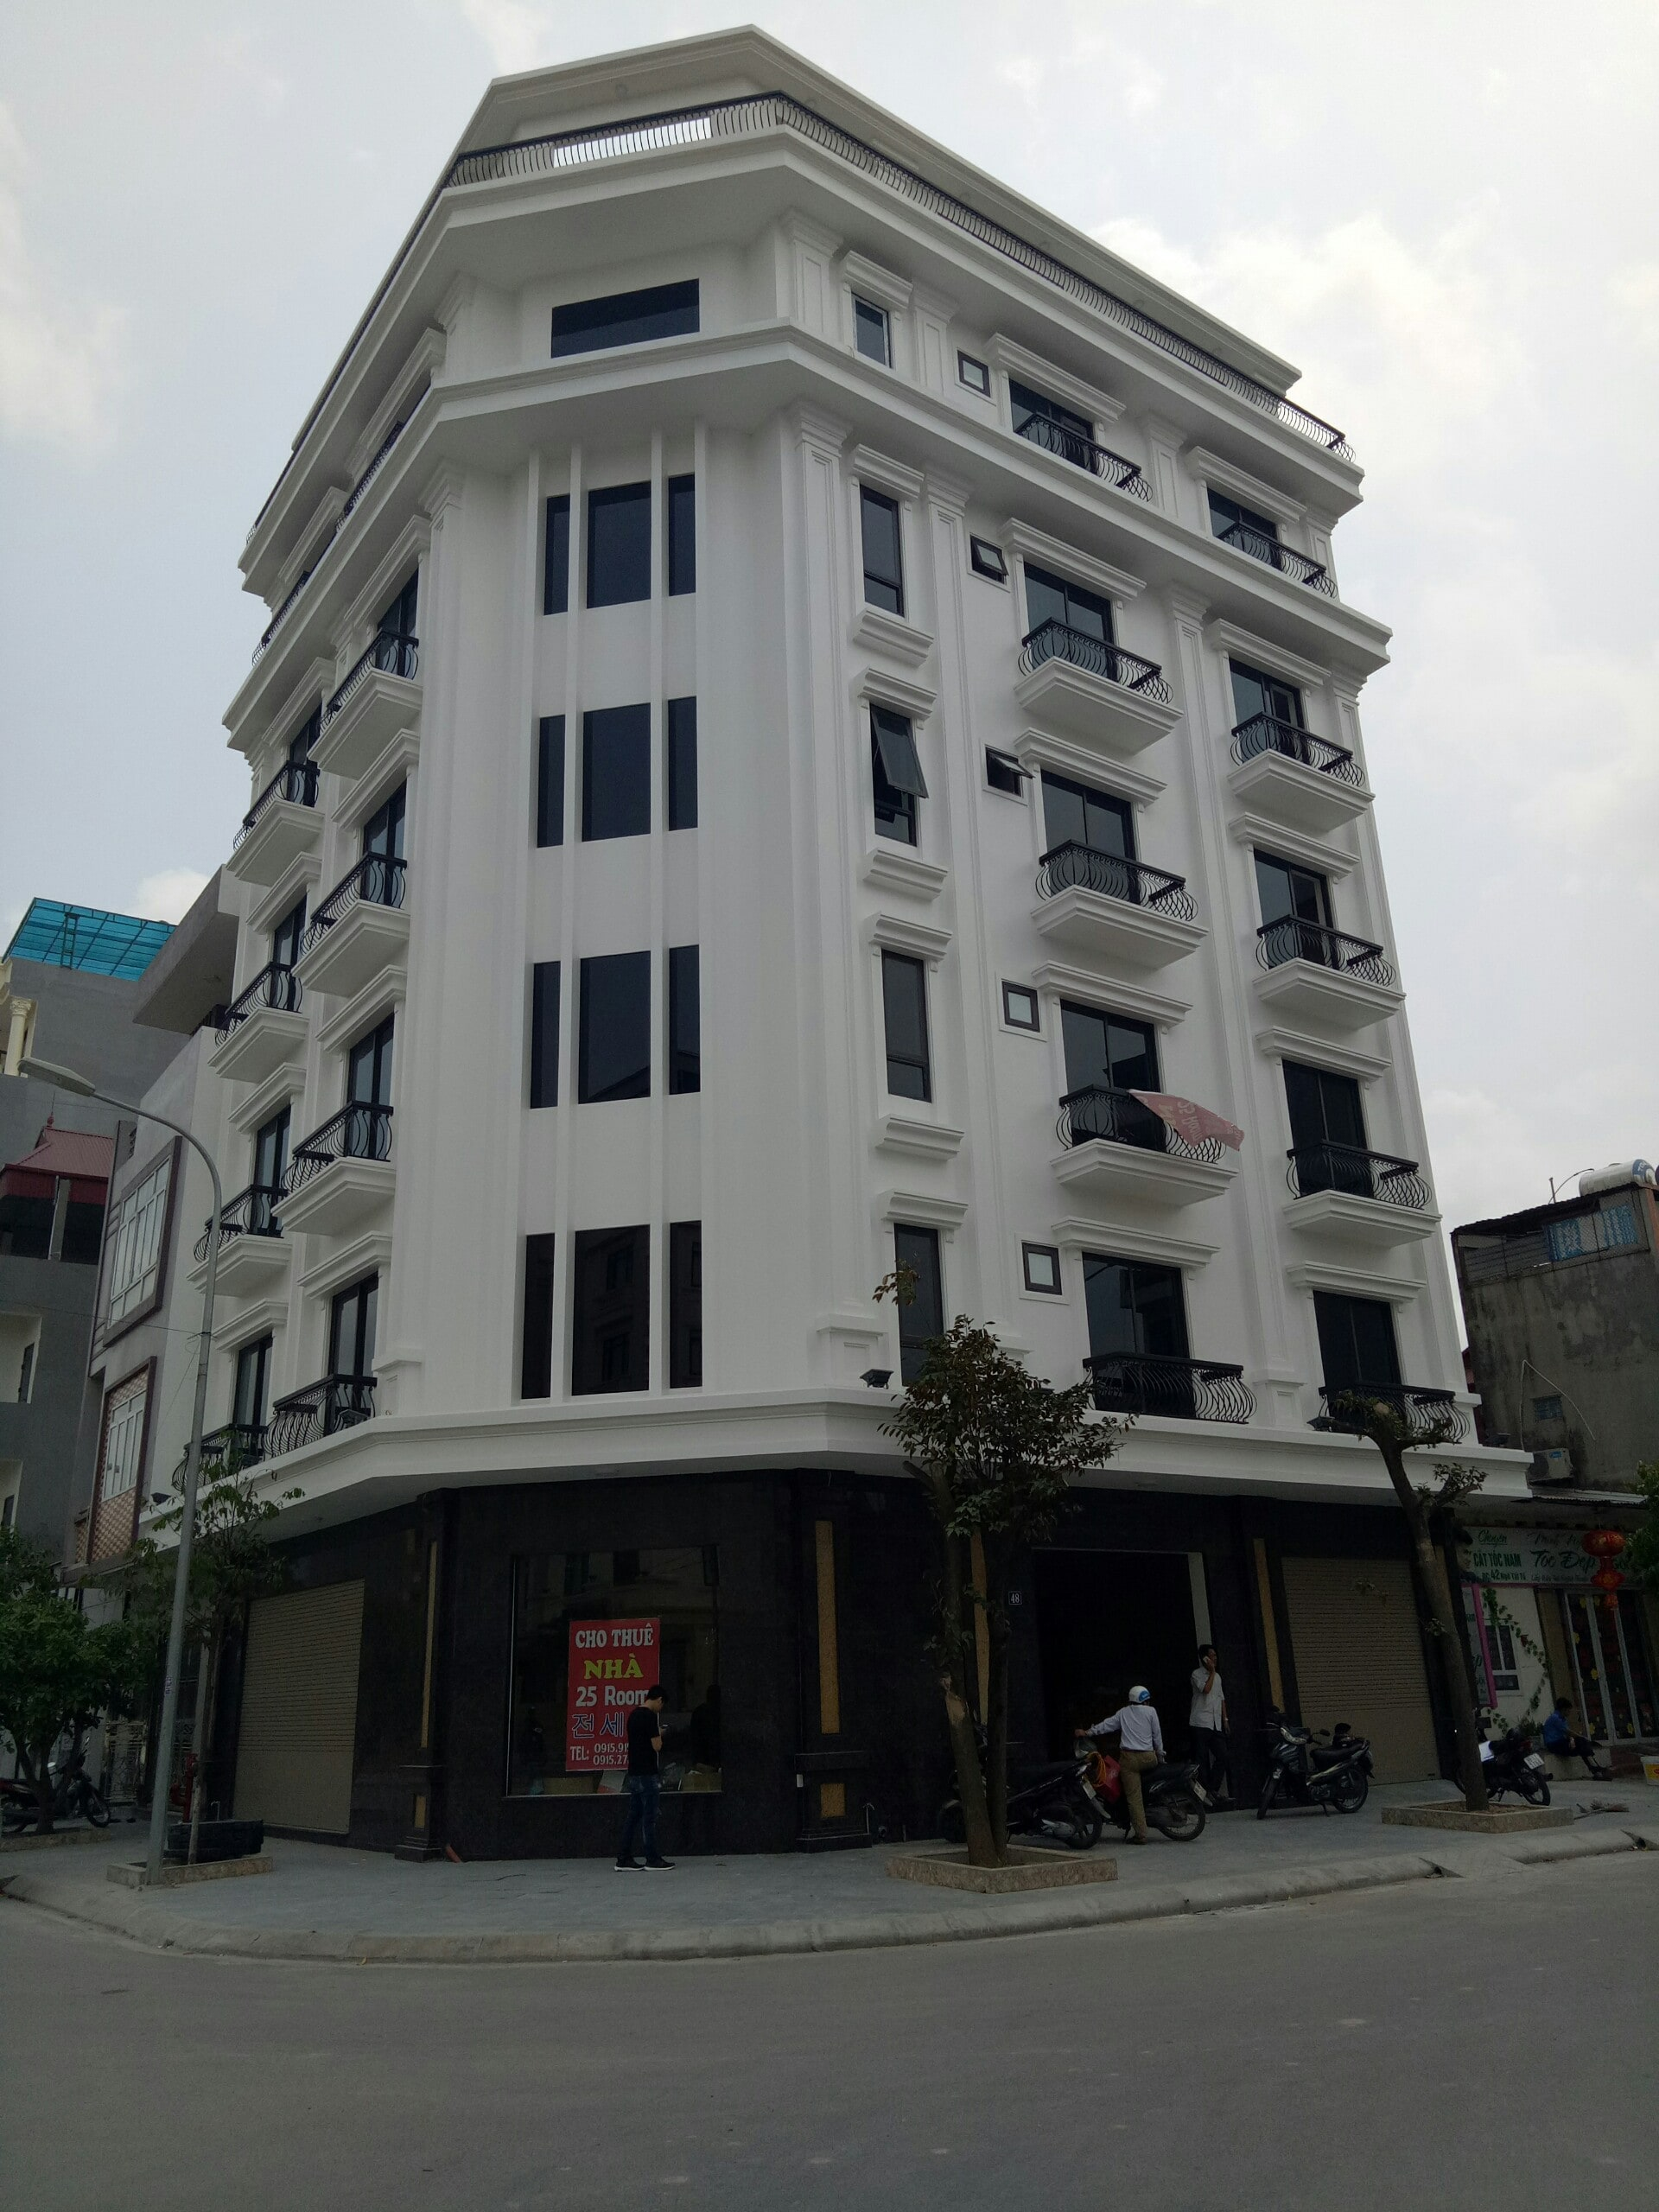 Daehan Door lắp đặt cửa ABS Hàn Quốc tại công trình nào ở Bắc Ninh?